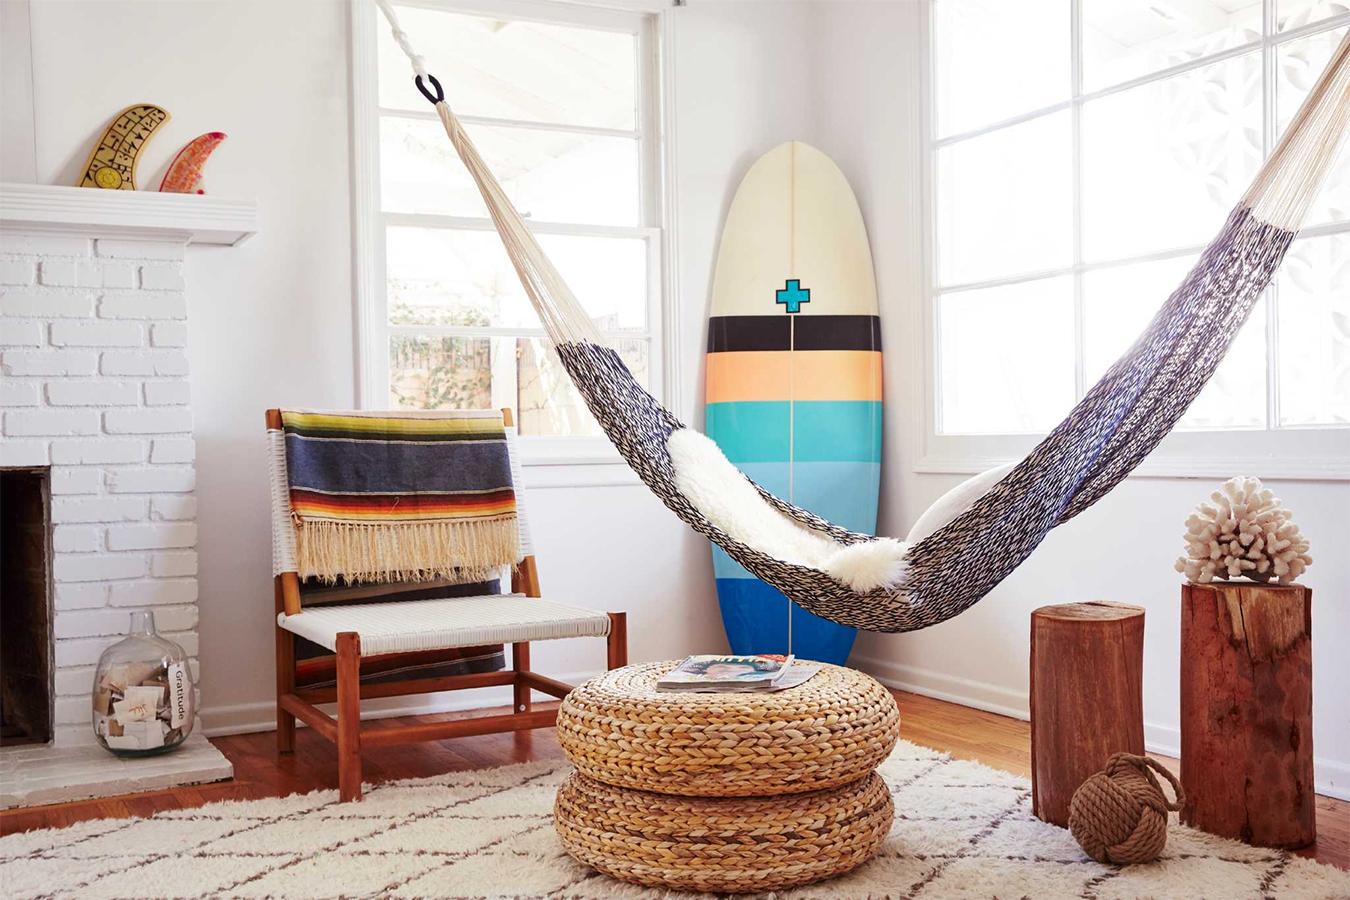 Кресло-гамак в интерьере: стильно и необычно